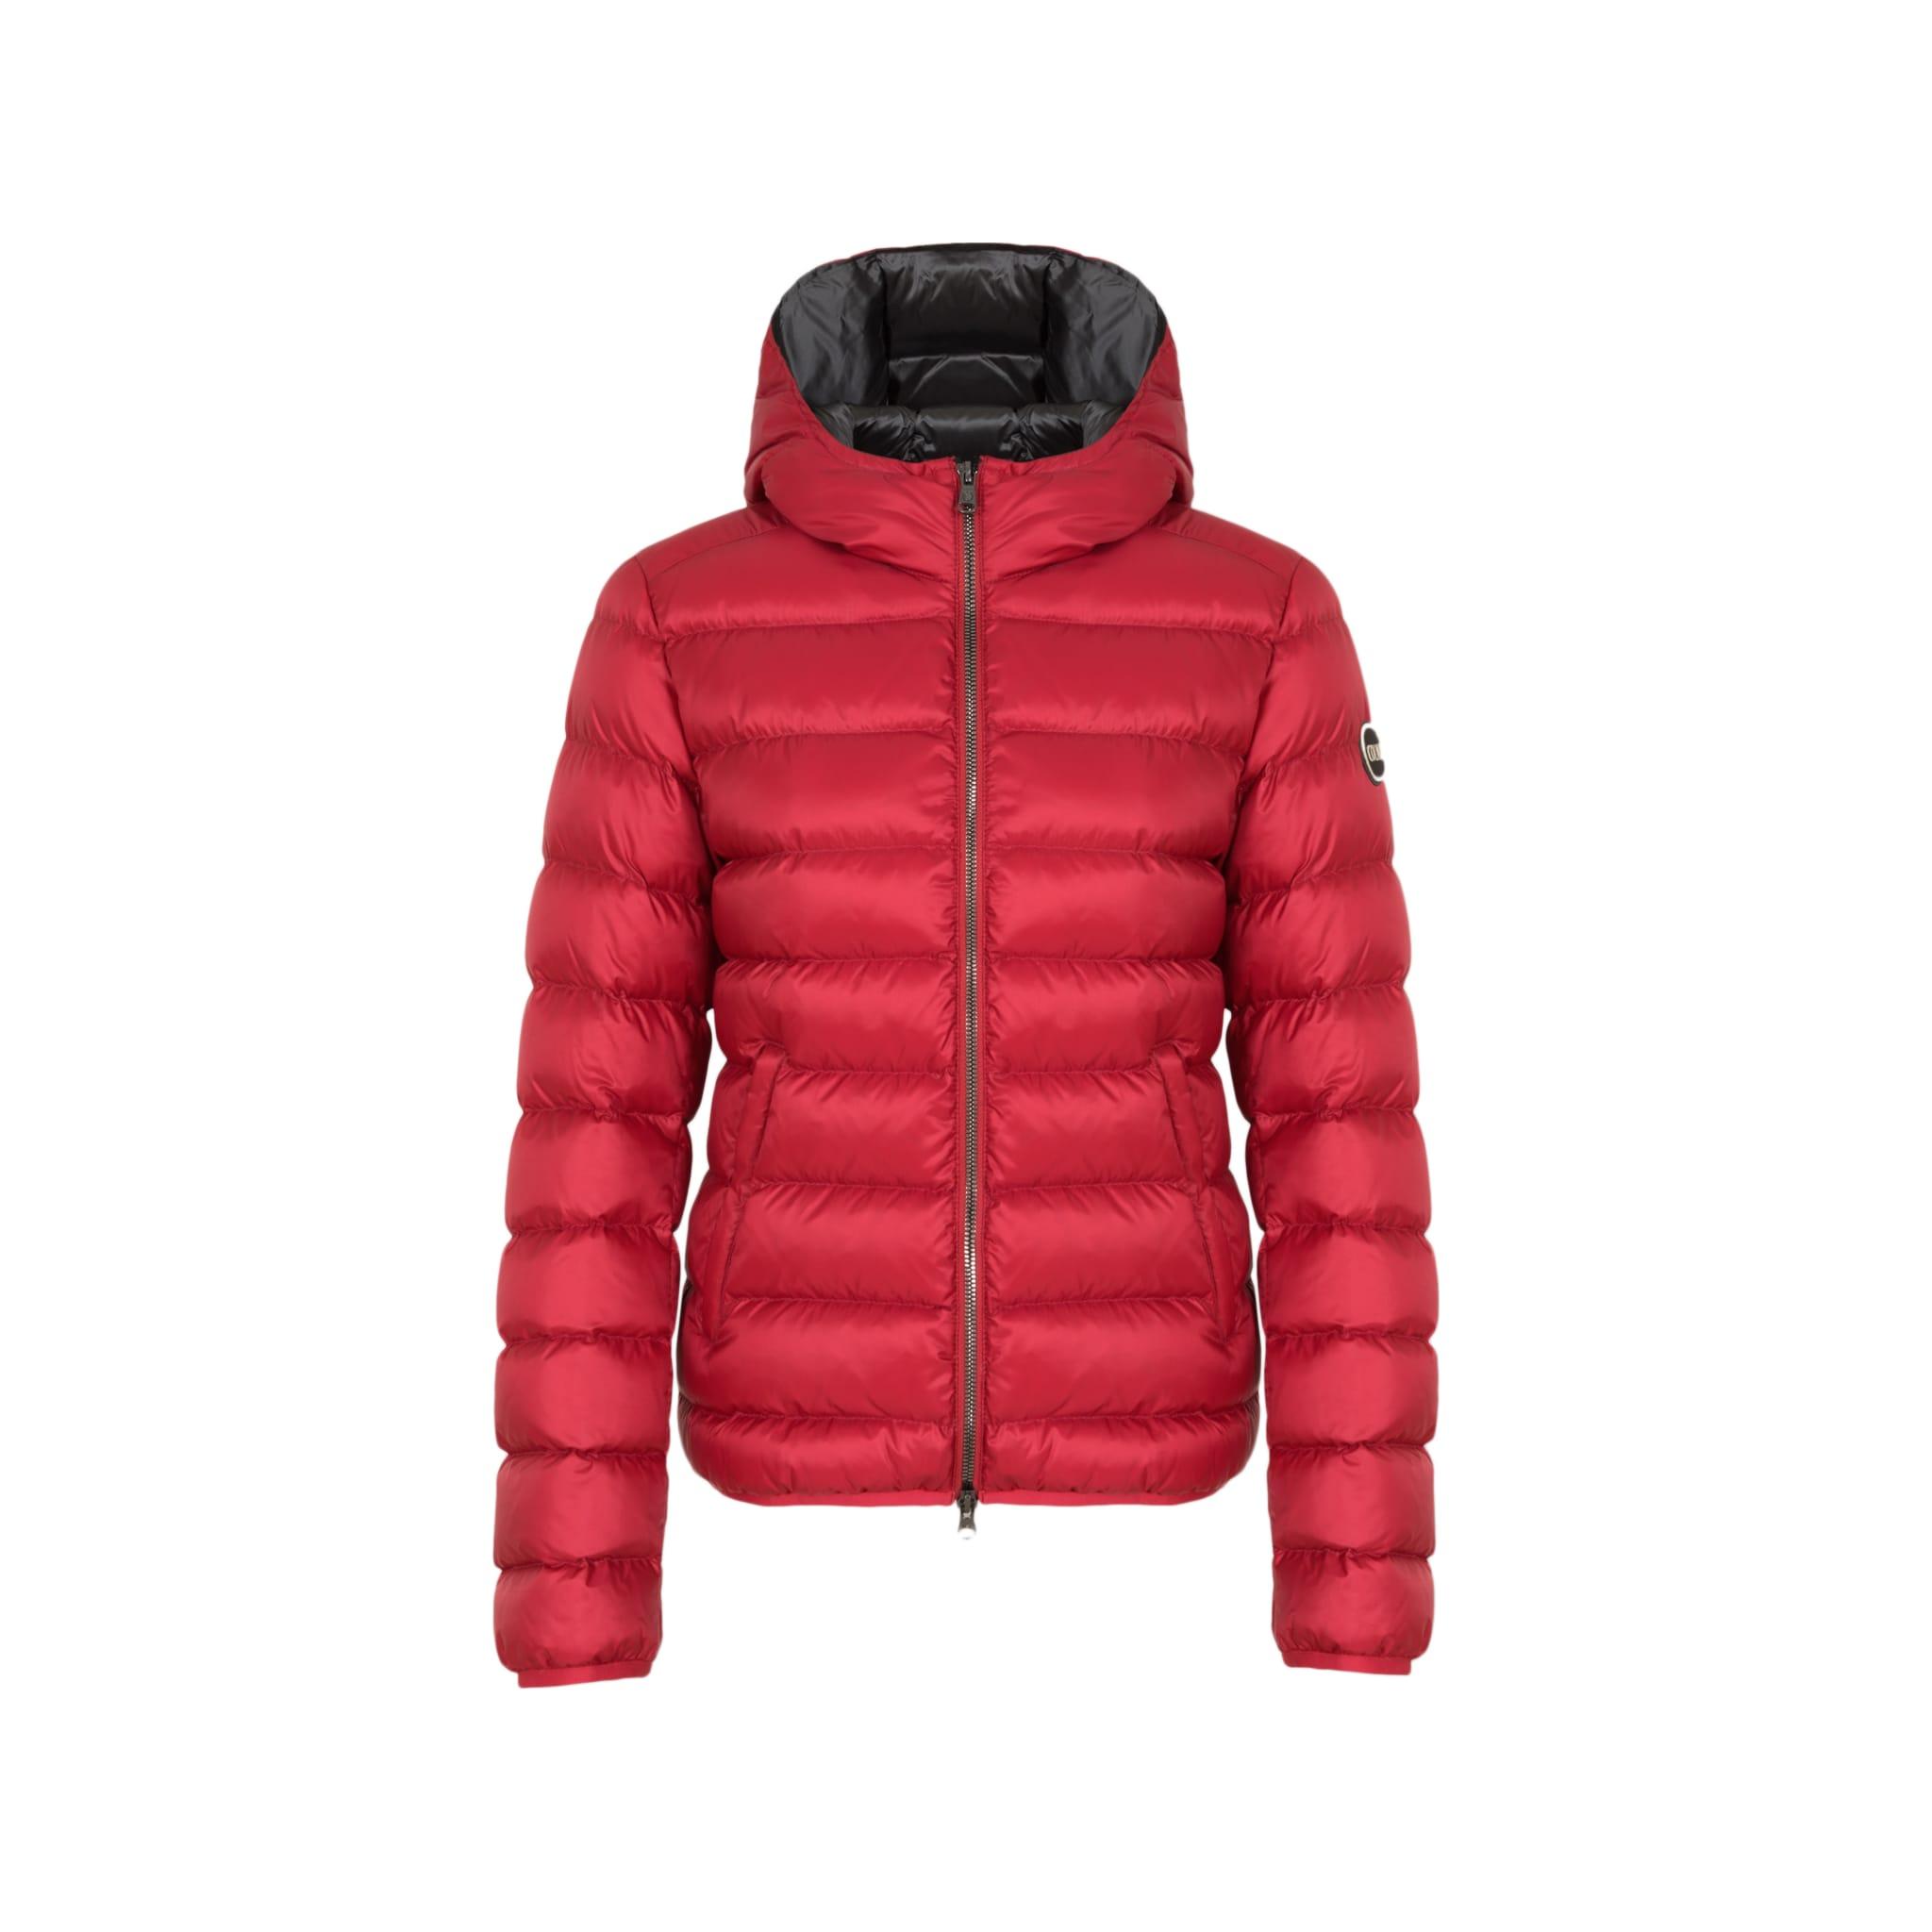 Originals Winter Down Jacket W